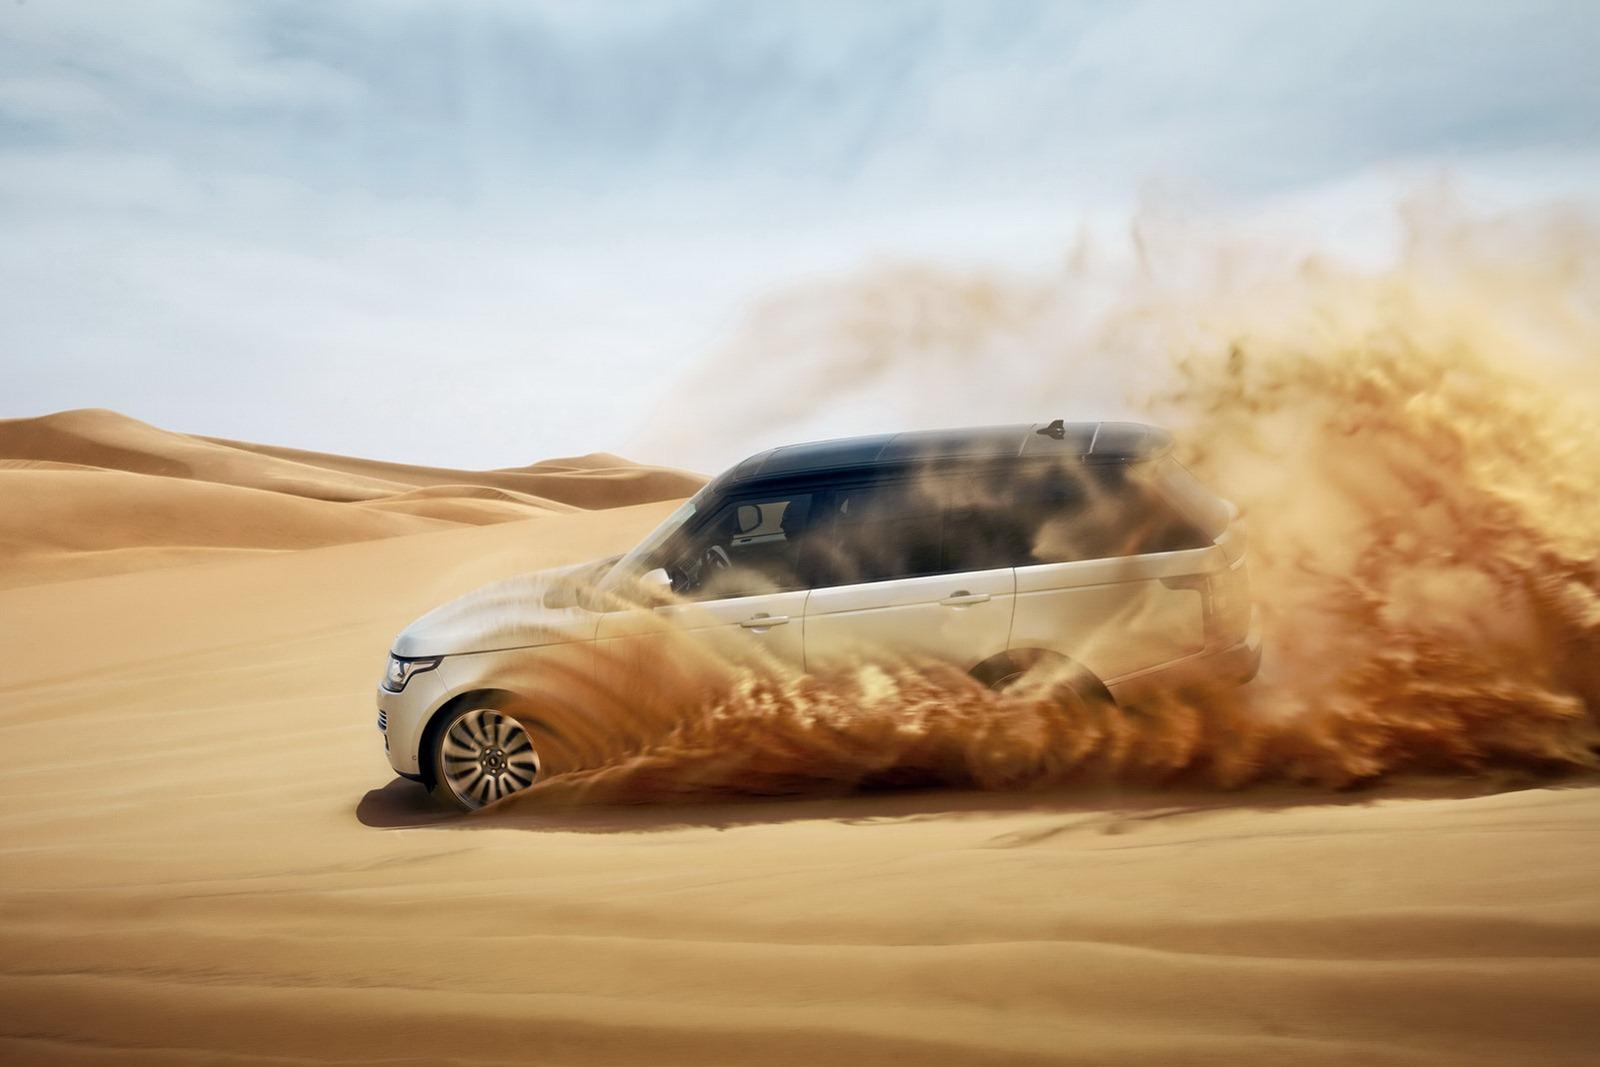 2013-Range-Rover-54%25255B2%25255D.jpg